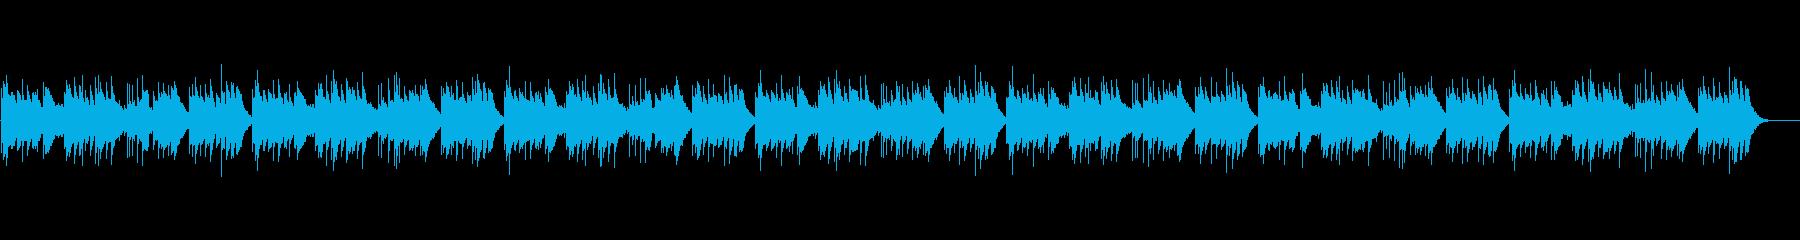 こいのぼり / オルゴールの再生済みの波形